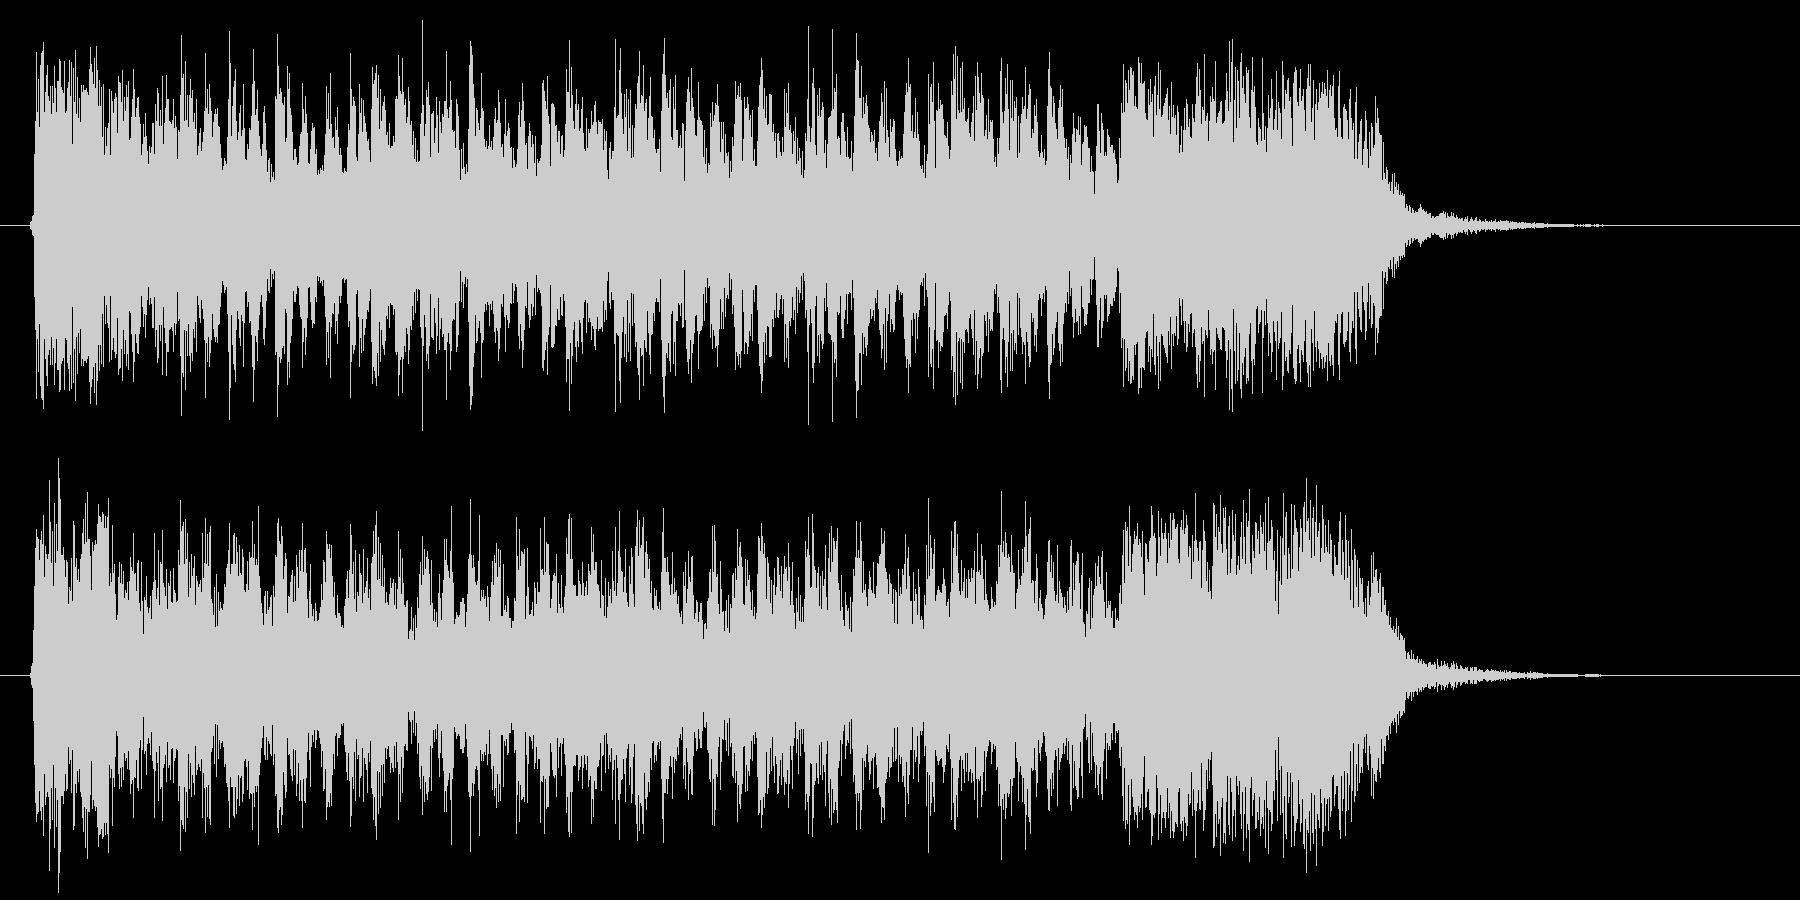 ダークで緩やかなシンセジングルの未再生の波形